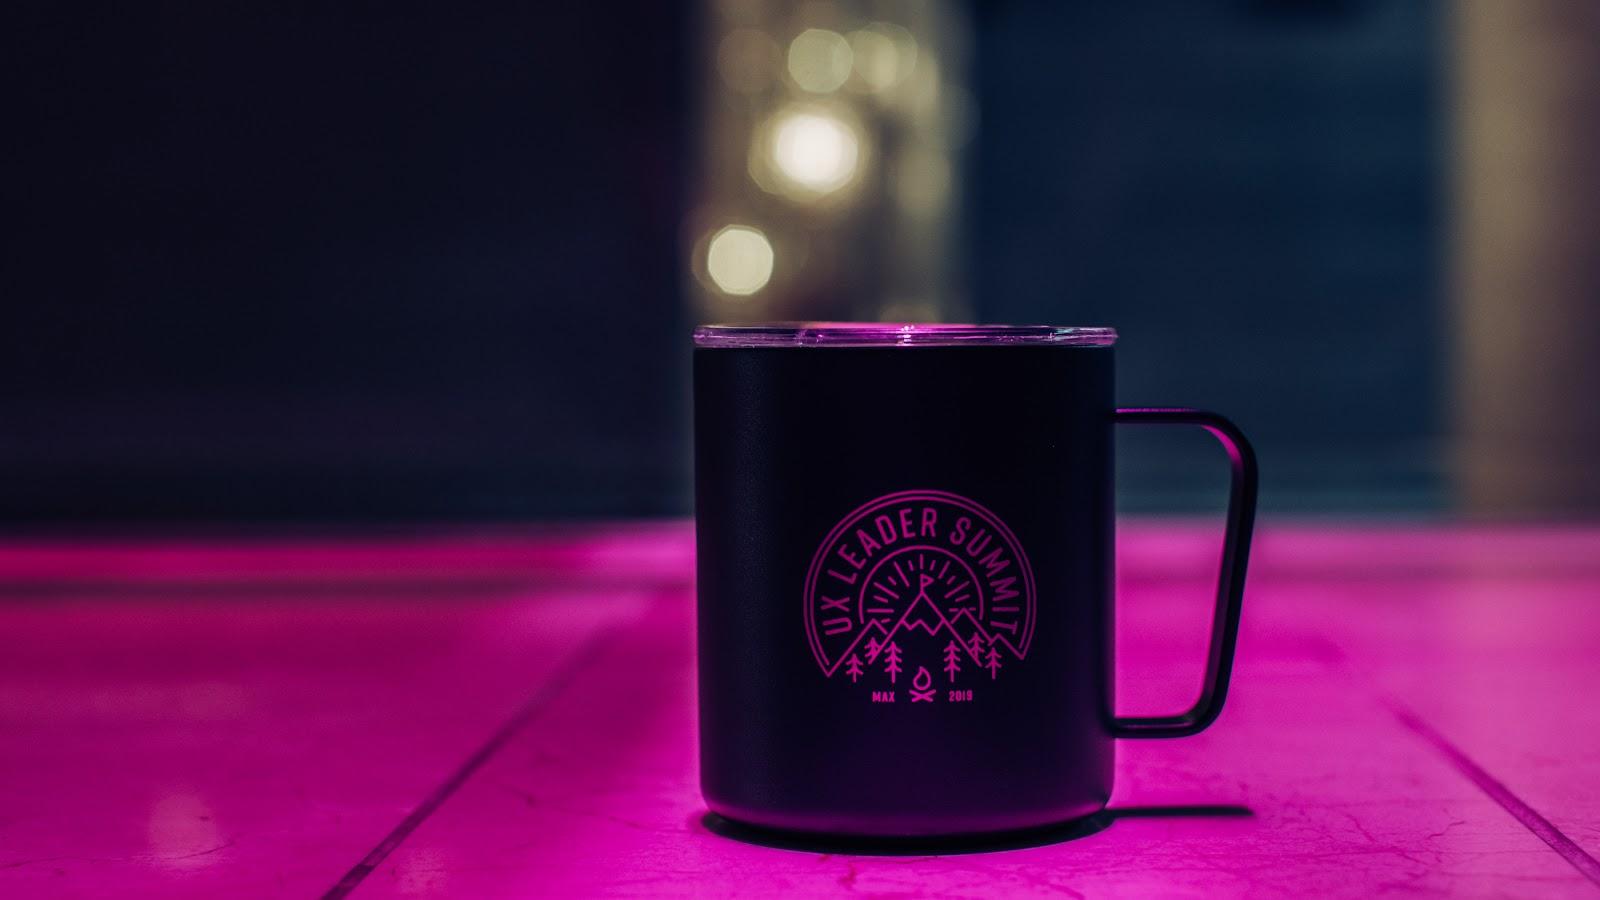 Black coffee mug with UX Leader's Summit logo on it.